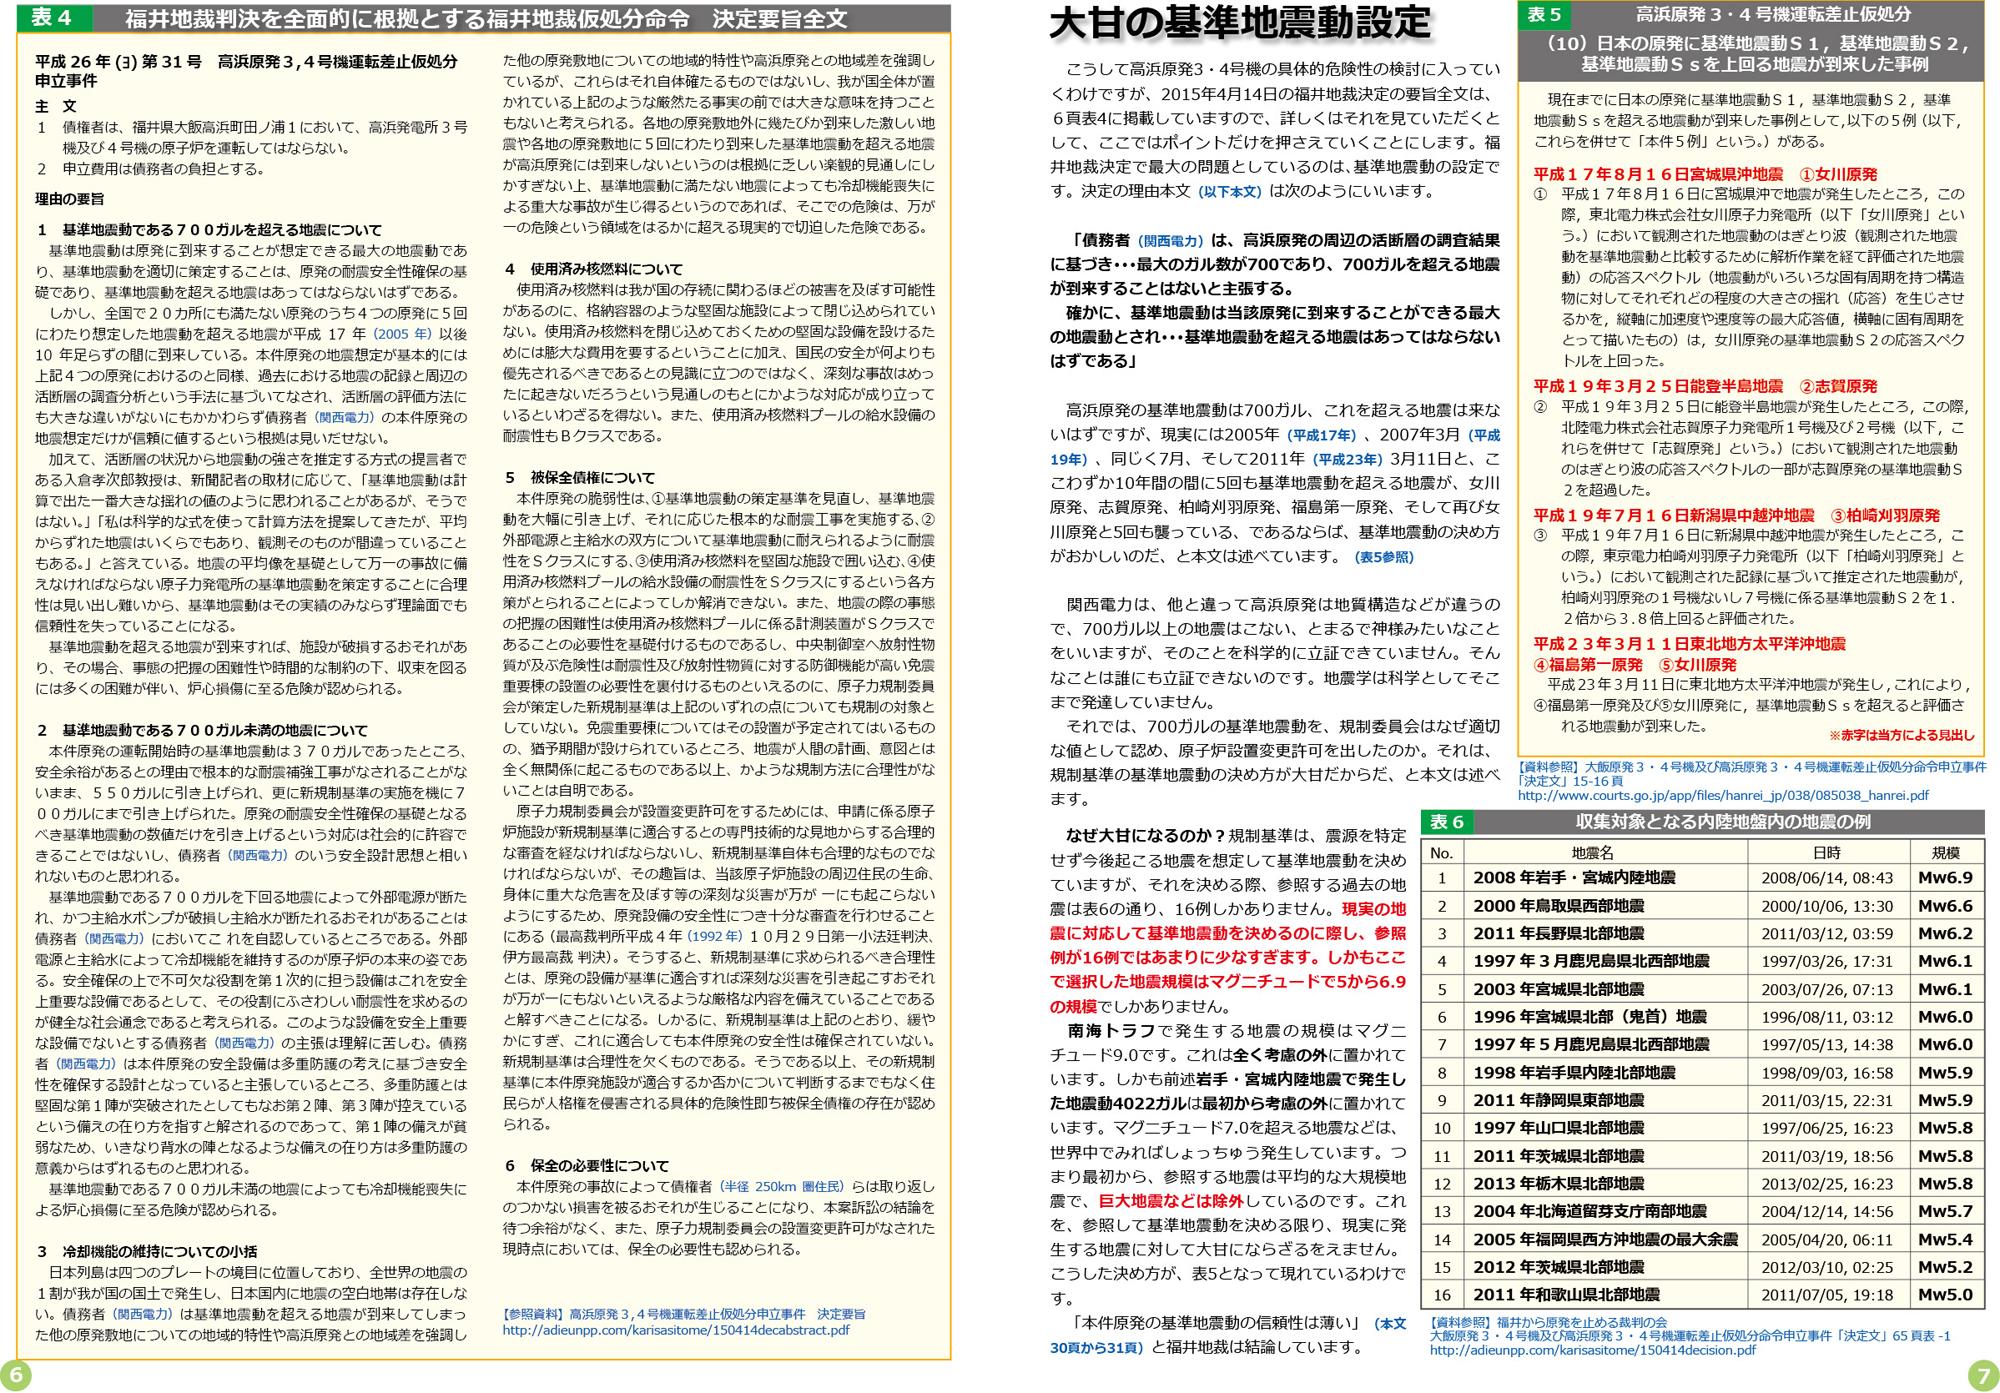 ファイル 414-4.jpg